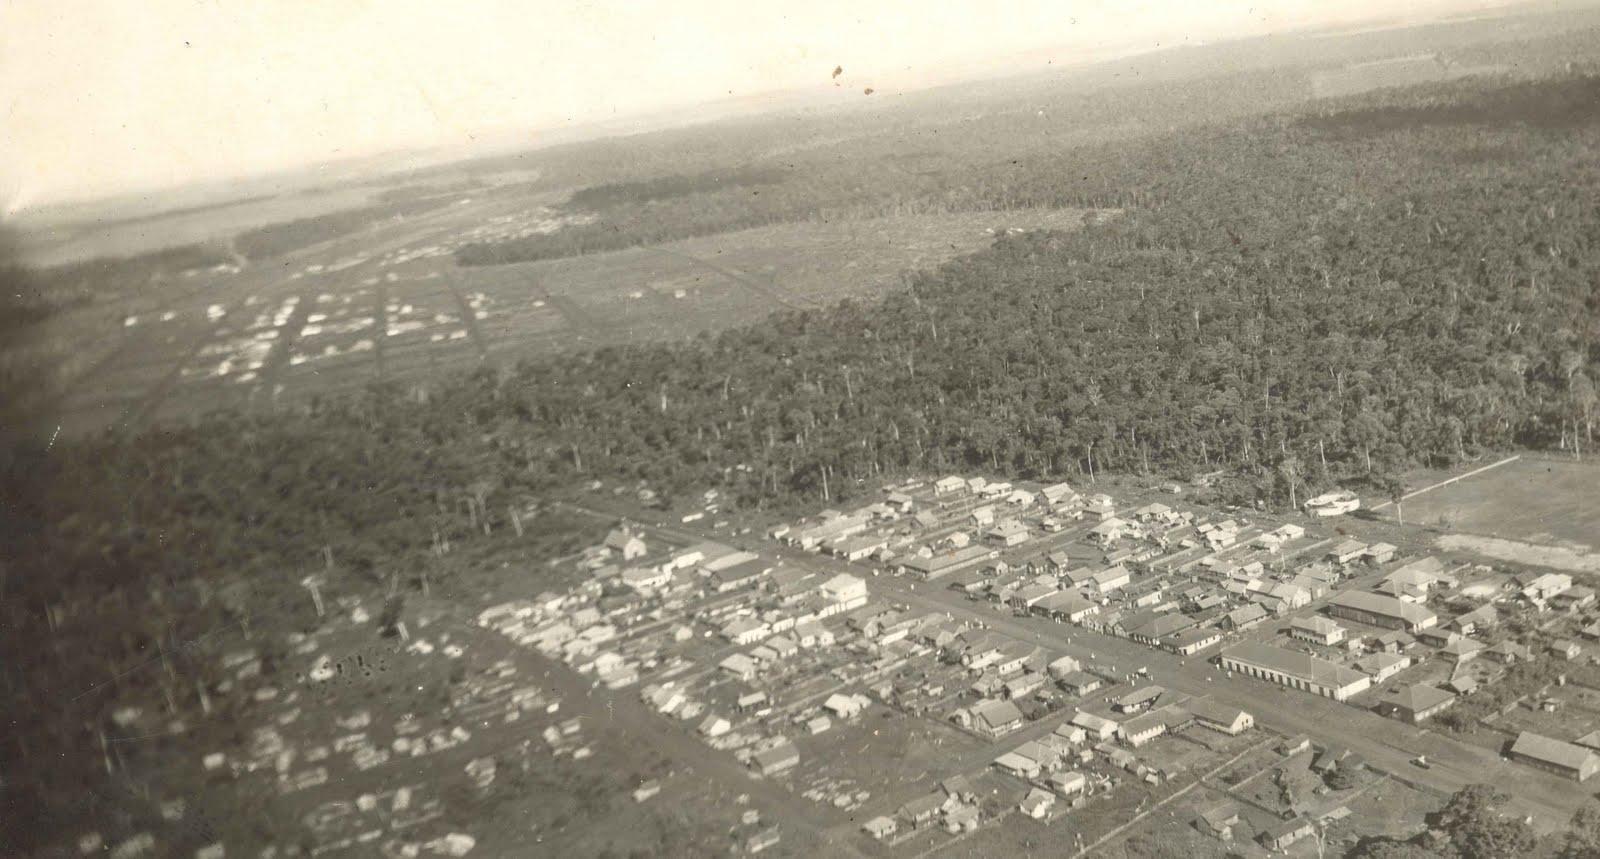 Vista aérea de Maringá - 1948